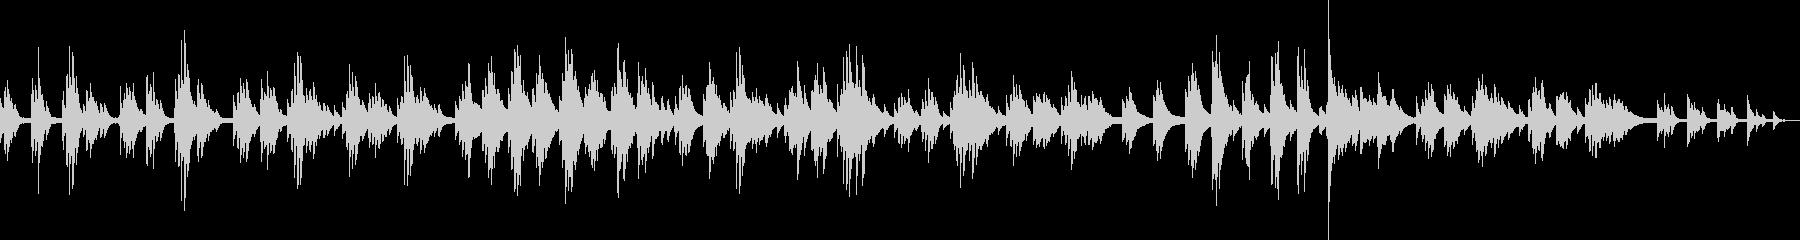 しっとり美しいピアノバラード(独奏)の未再生の波形